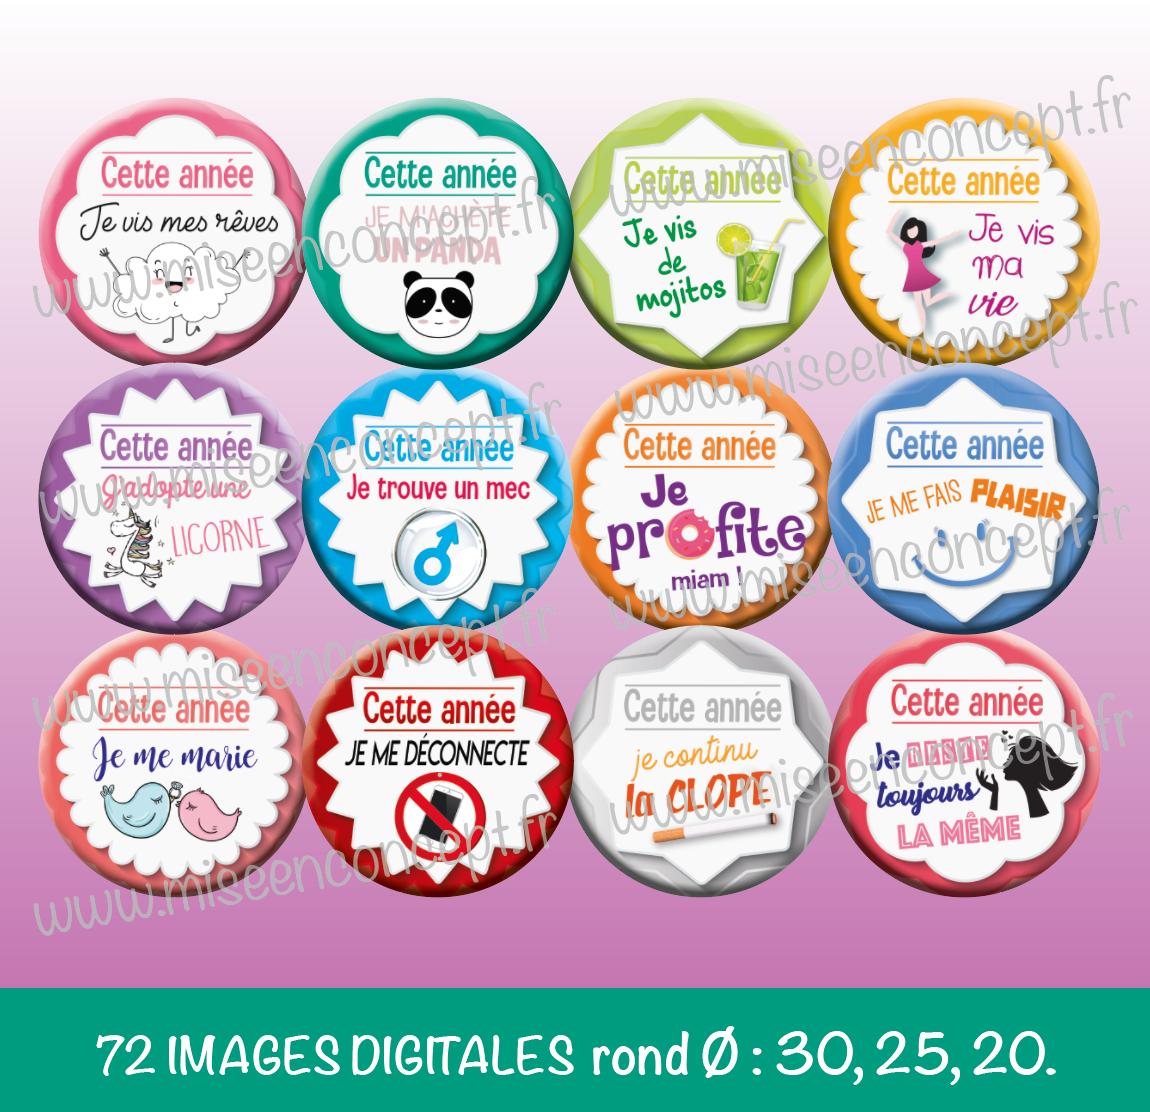 72 IMAGES DIGITALES - RÉSOLUTIONS 2019 - ROND - IMAGES CABOCHONS - BONNE  ANNÉE - BIJOUX 6da5a9ac077